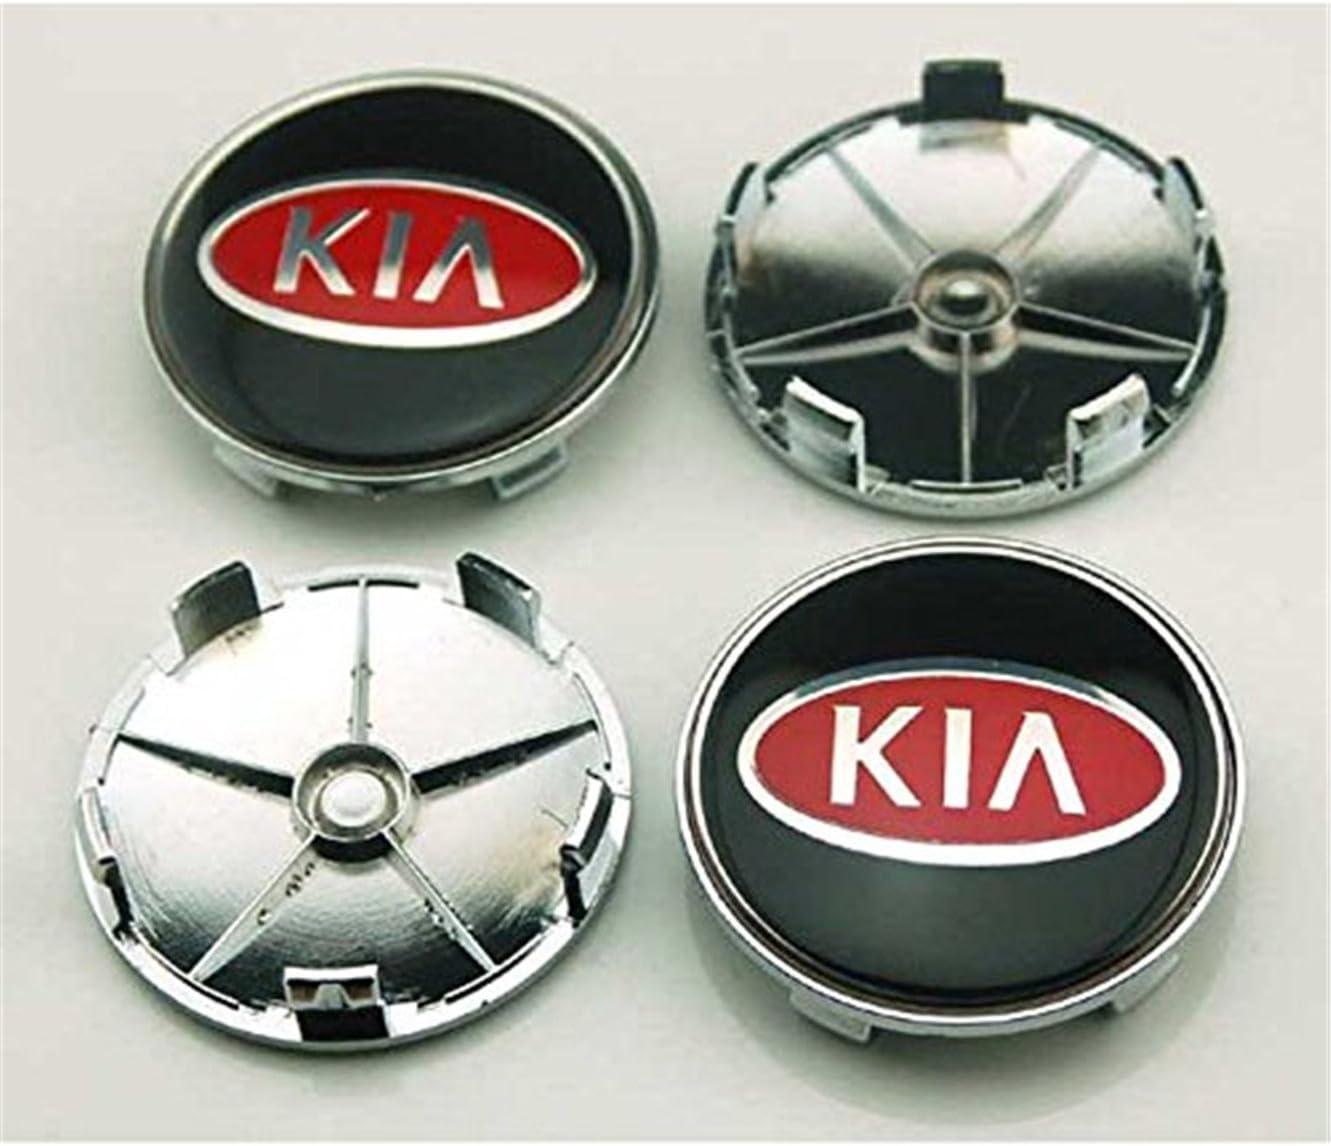 shangmao369 4pcs W028 68 mm coche estilo accesorios emblema insignia pegatina tapacubos tapas Centro cubierta Kia Rio Ceed SOUL SPORTAGE K2 K3 K5 K7: Amazon.es: Coche y moto